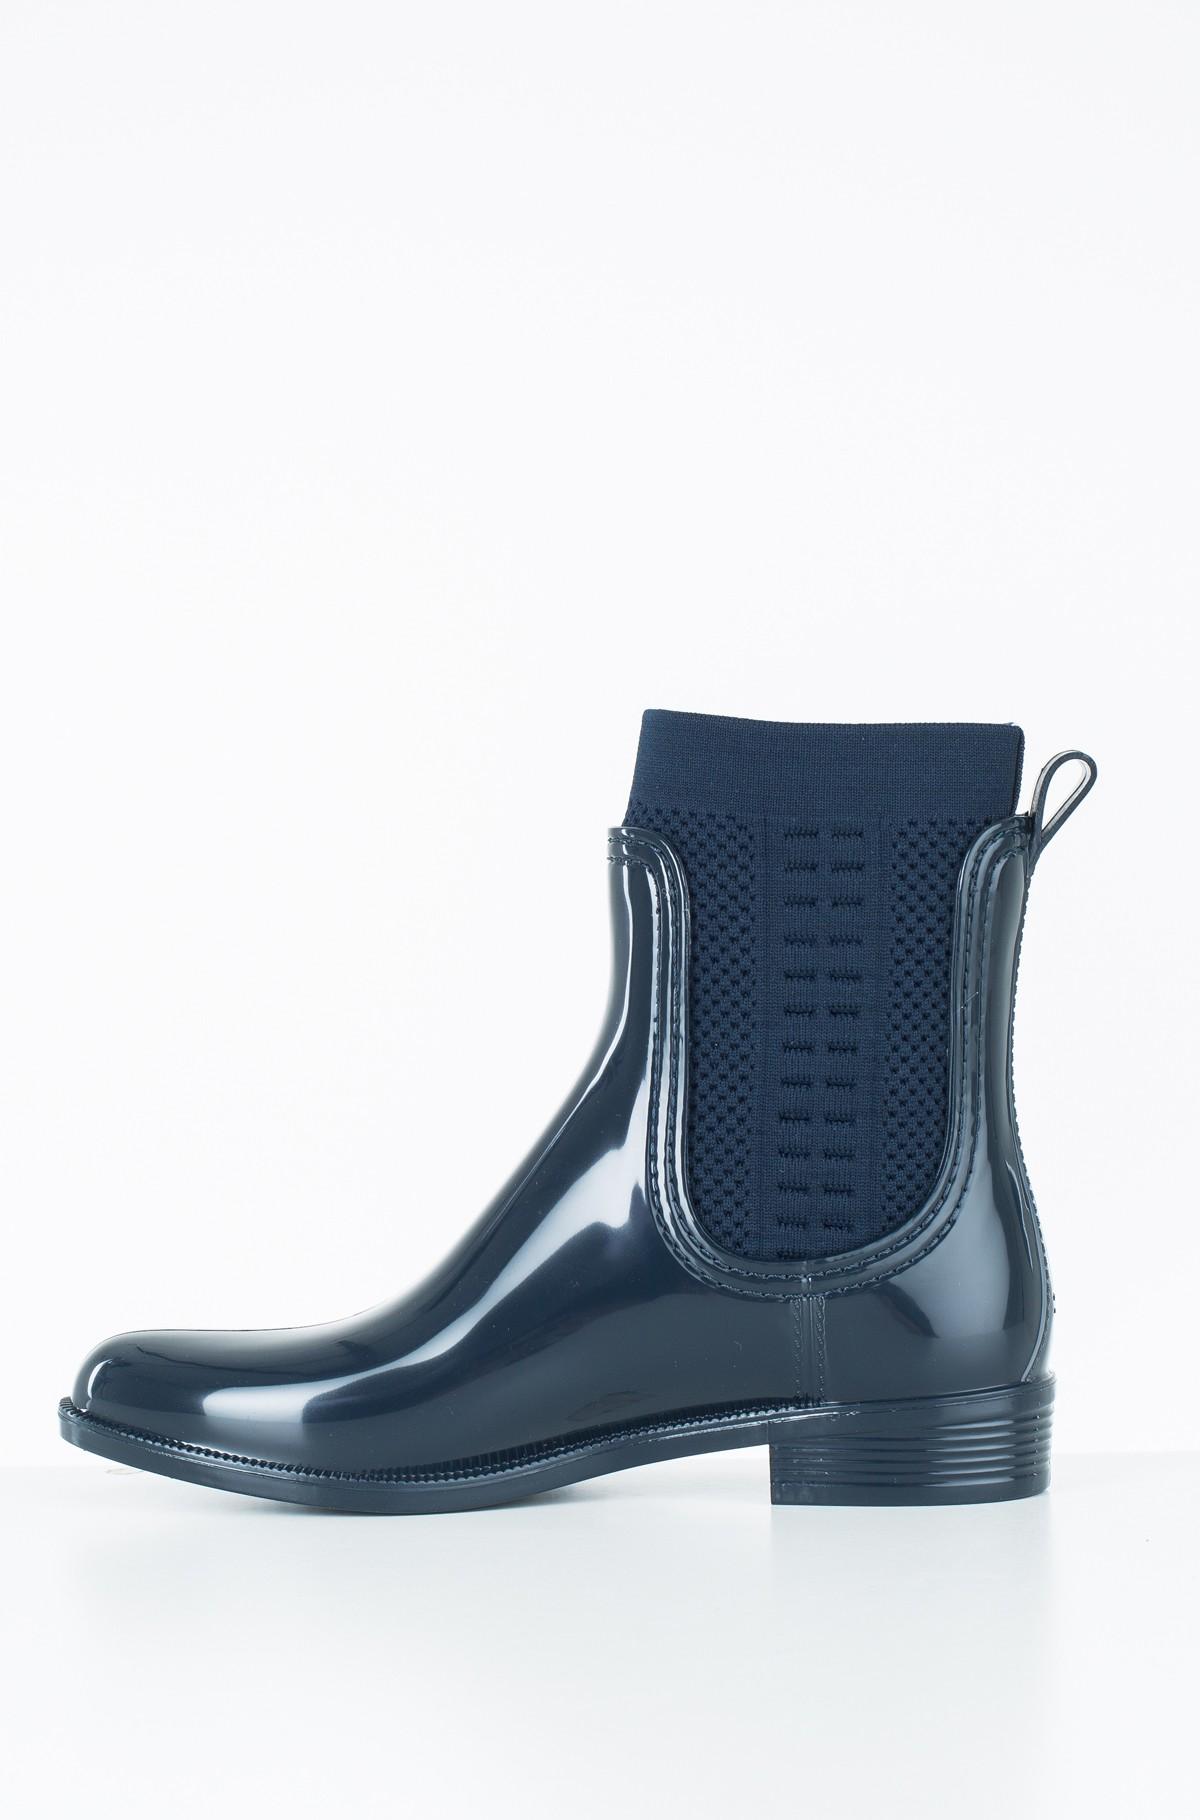 Guminiai batai TOMMY KNIT RAIN BOOT-full-3